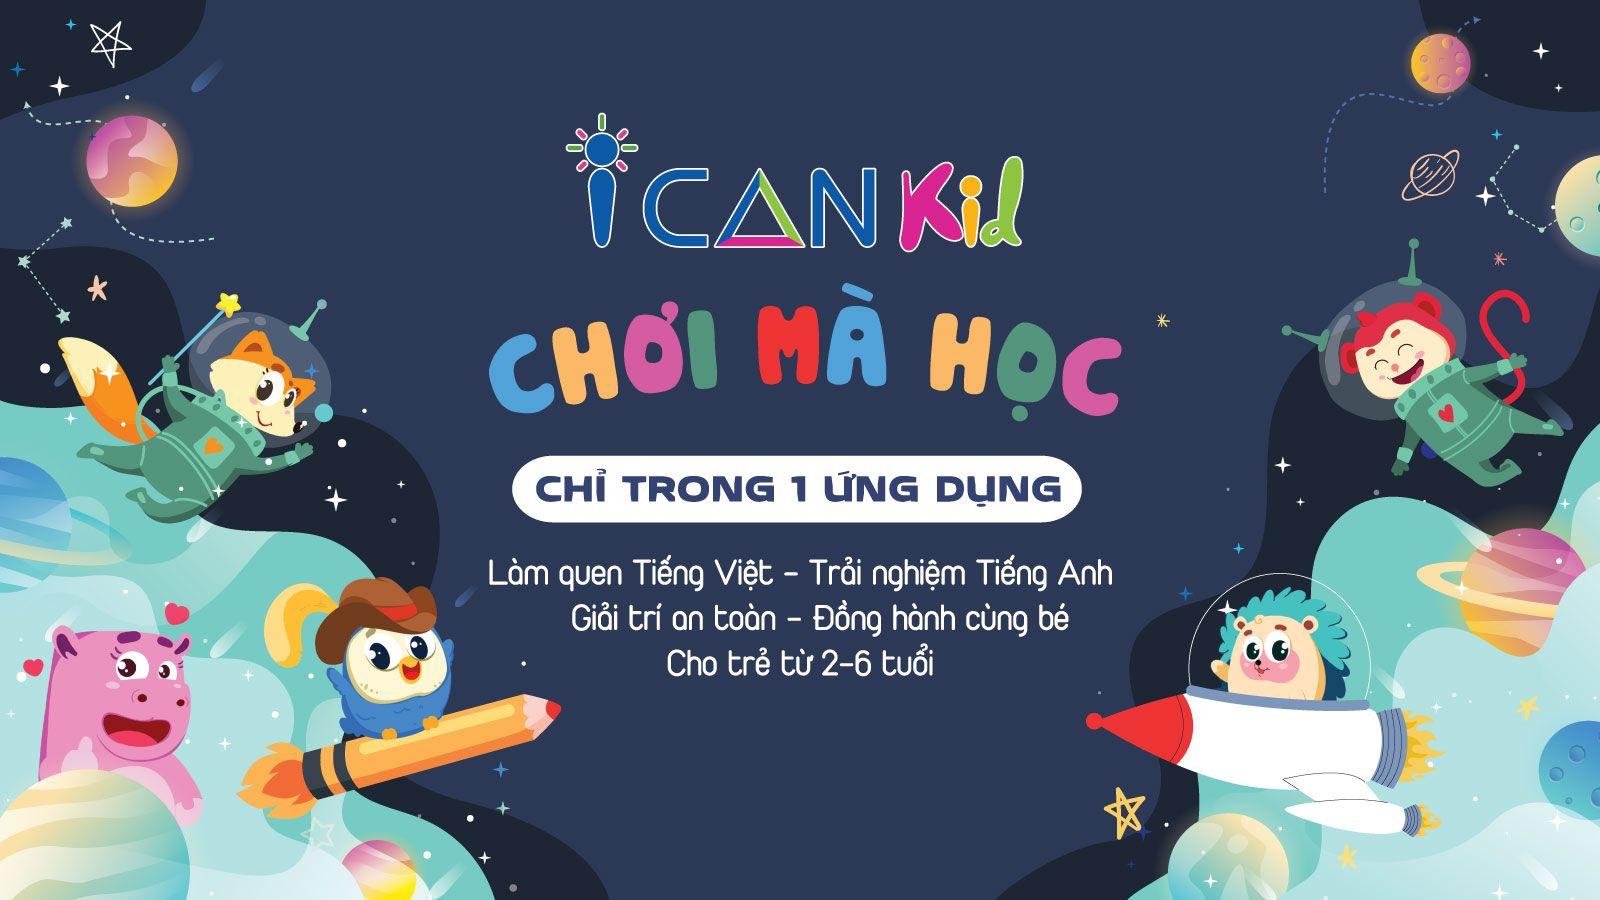 """Ứng dụng Việt bắt tay hàng loạt đối tác quốc tế thiết kế nền tảng """"Chơi mà học"""" cho trẻ"""